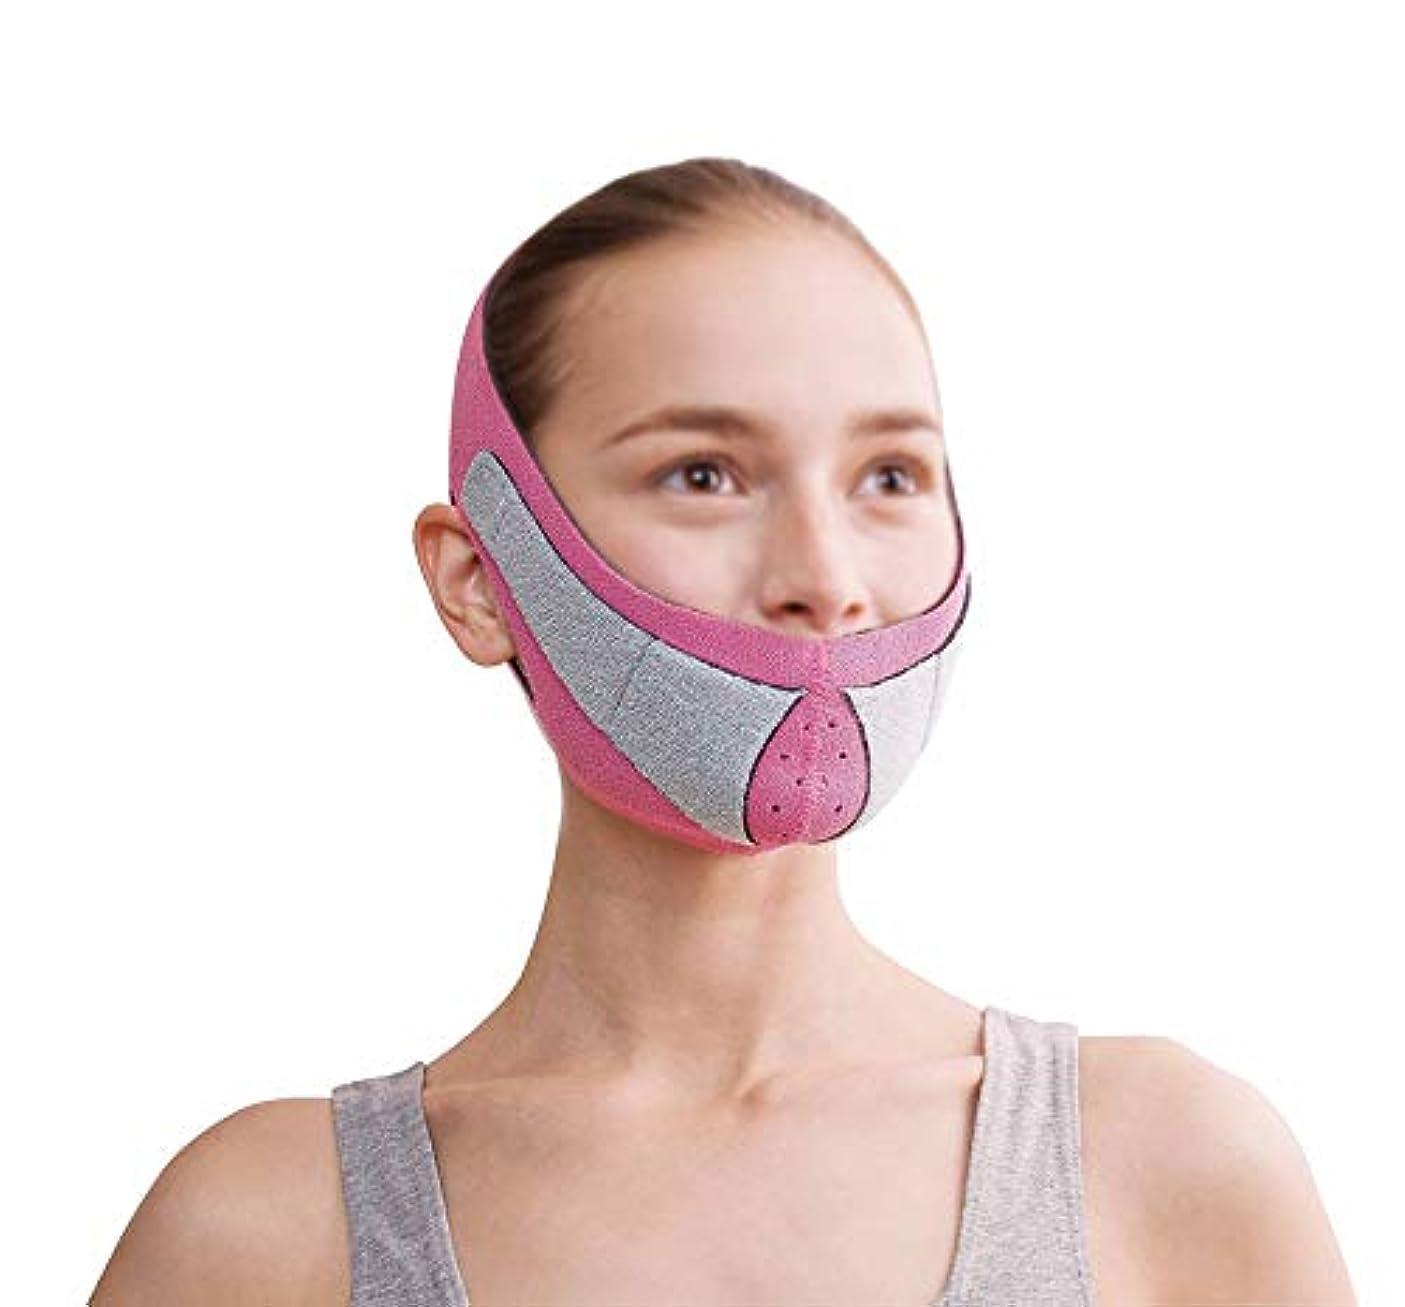 東方シーサイド泣いているGLJJQMY 薄い顔のマスクのマスクと垂れ下がり防止の薄い顔のマスク薄い顔のマスクのアーティファクトの美しさの首ネックストラップを引き締め 顔用整形マスク